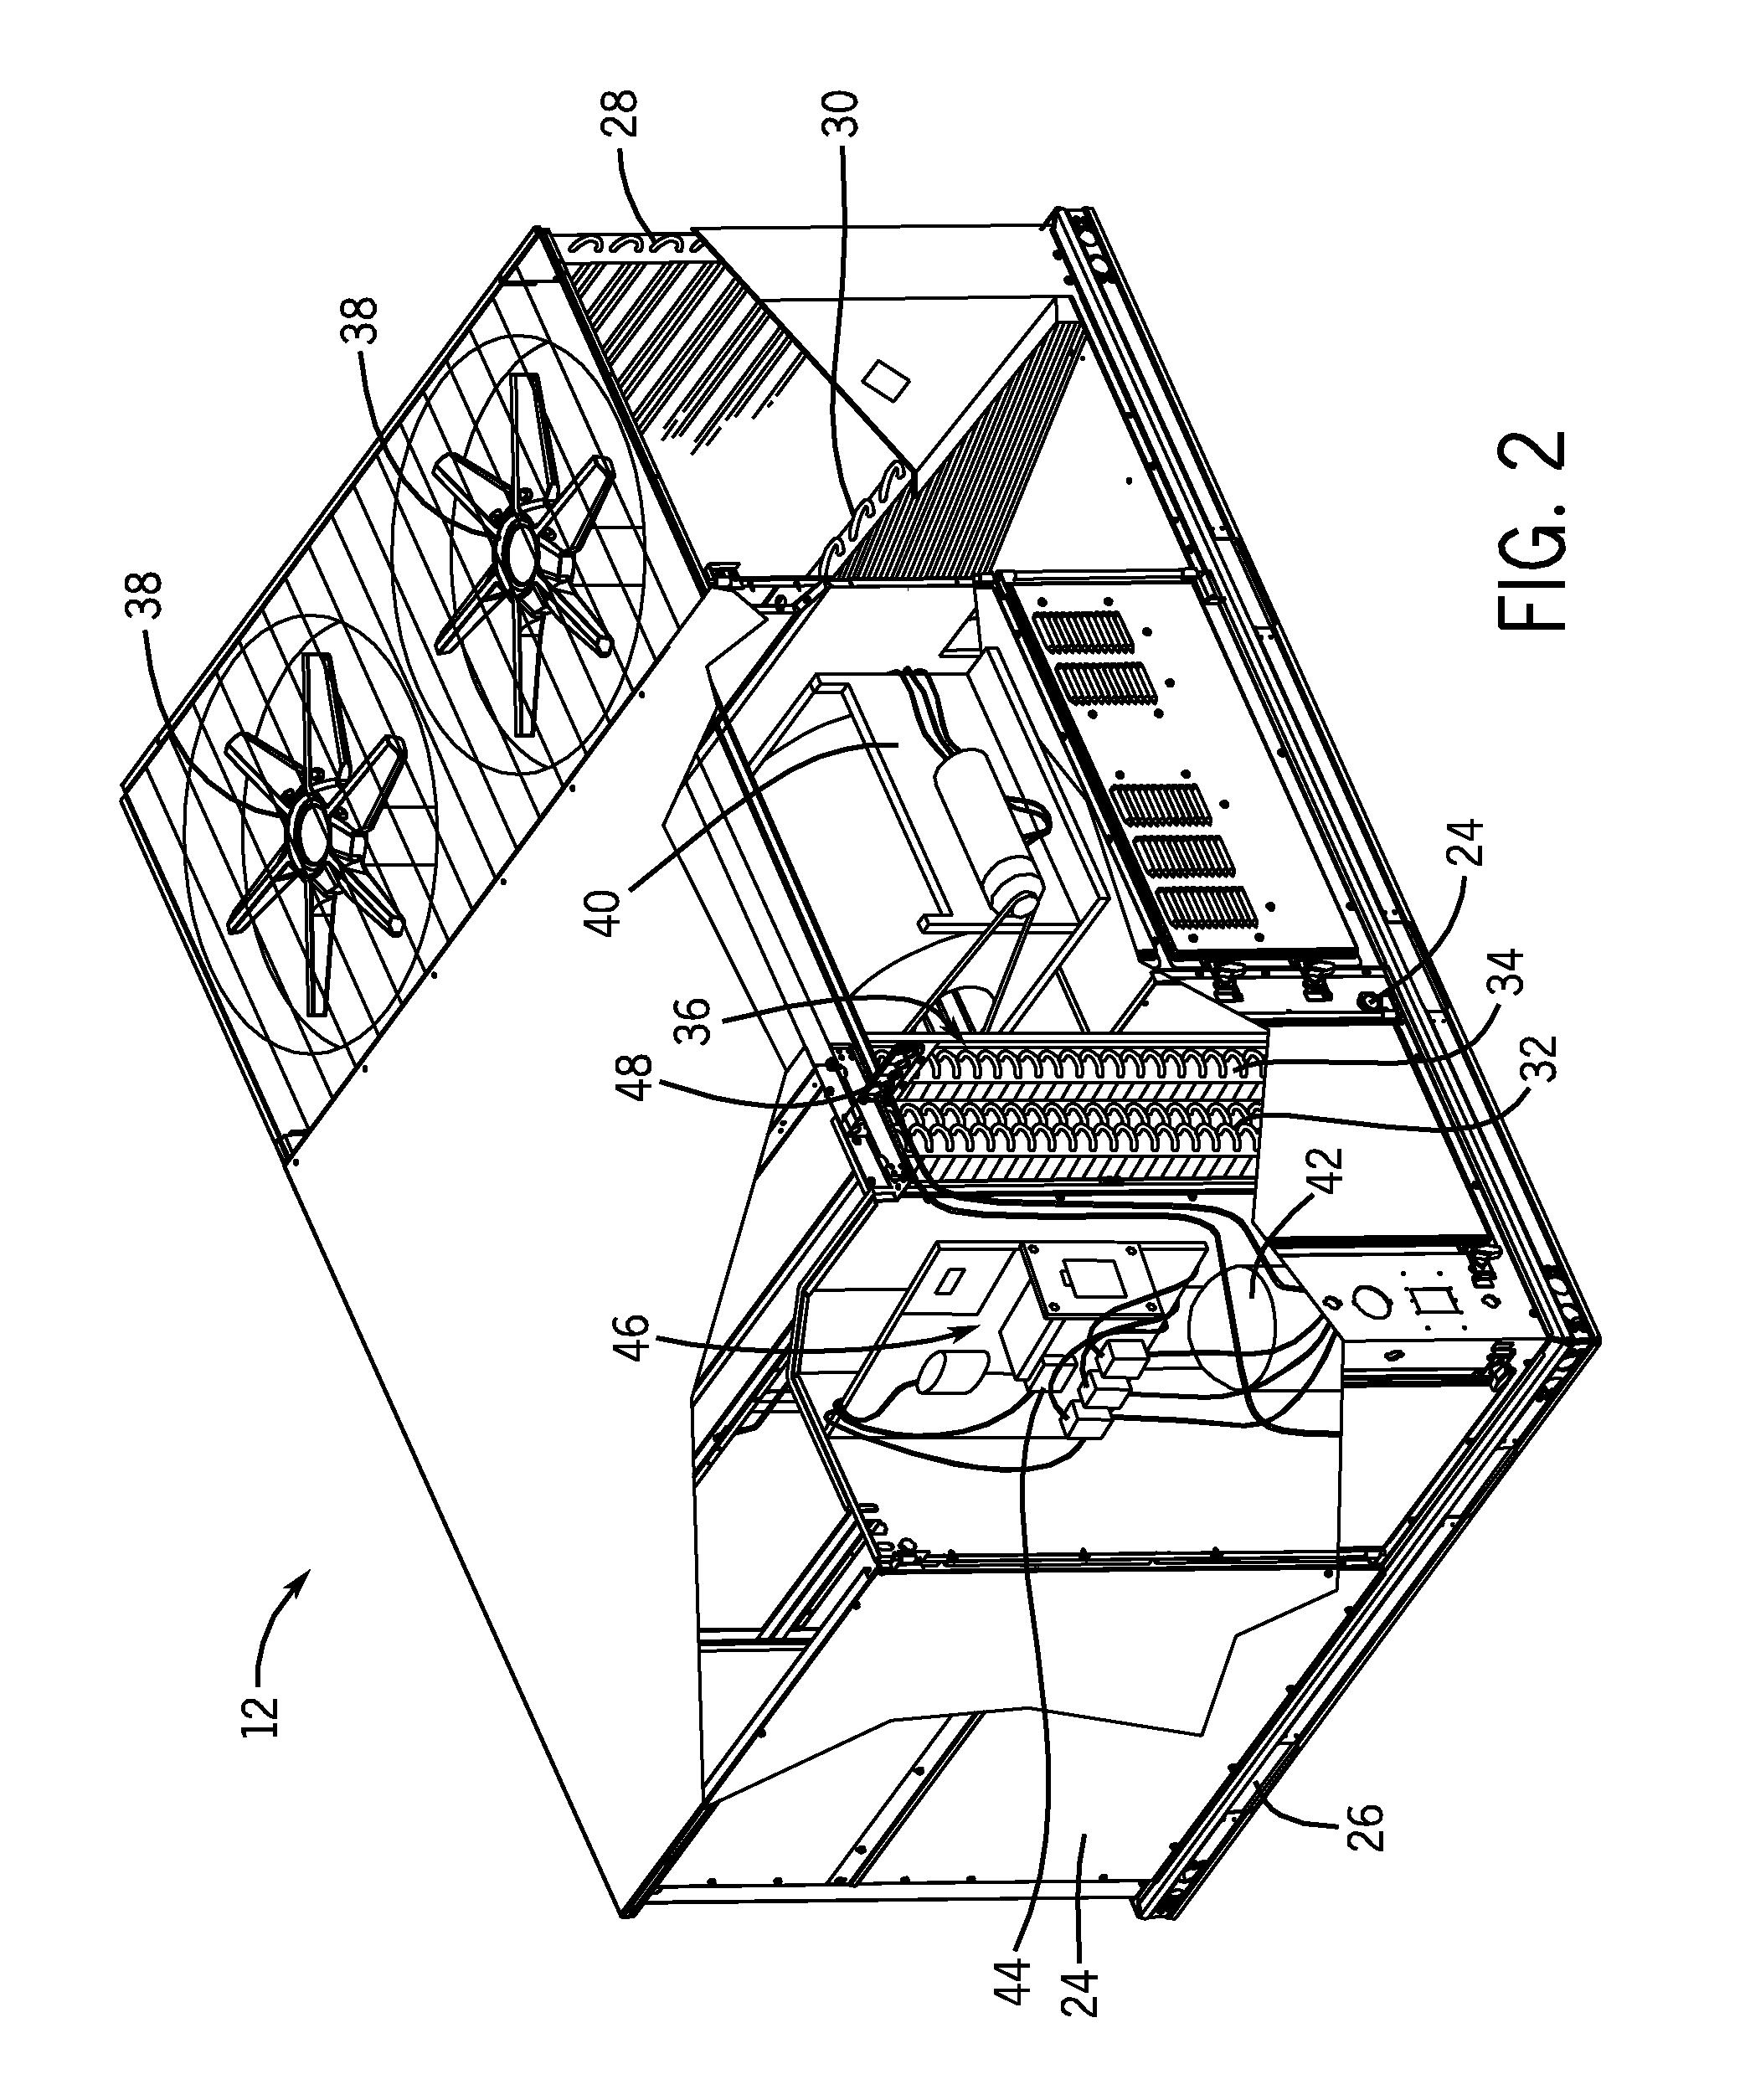 patent us20120272669